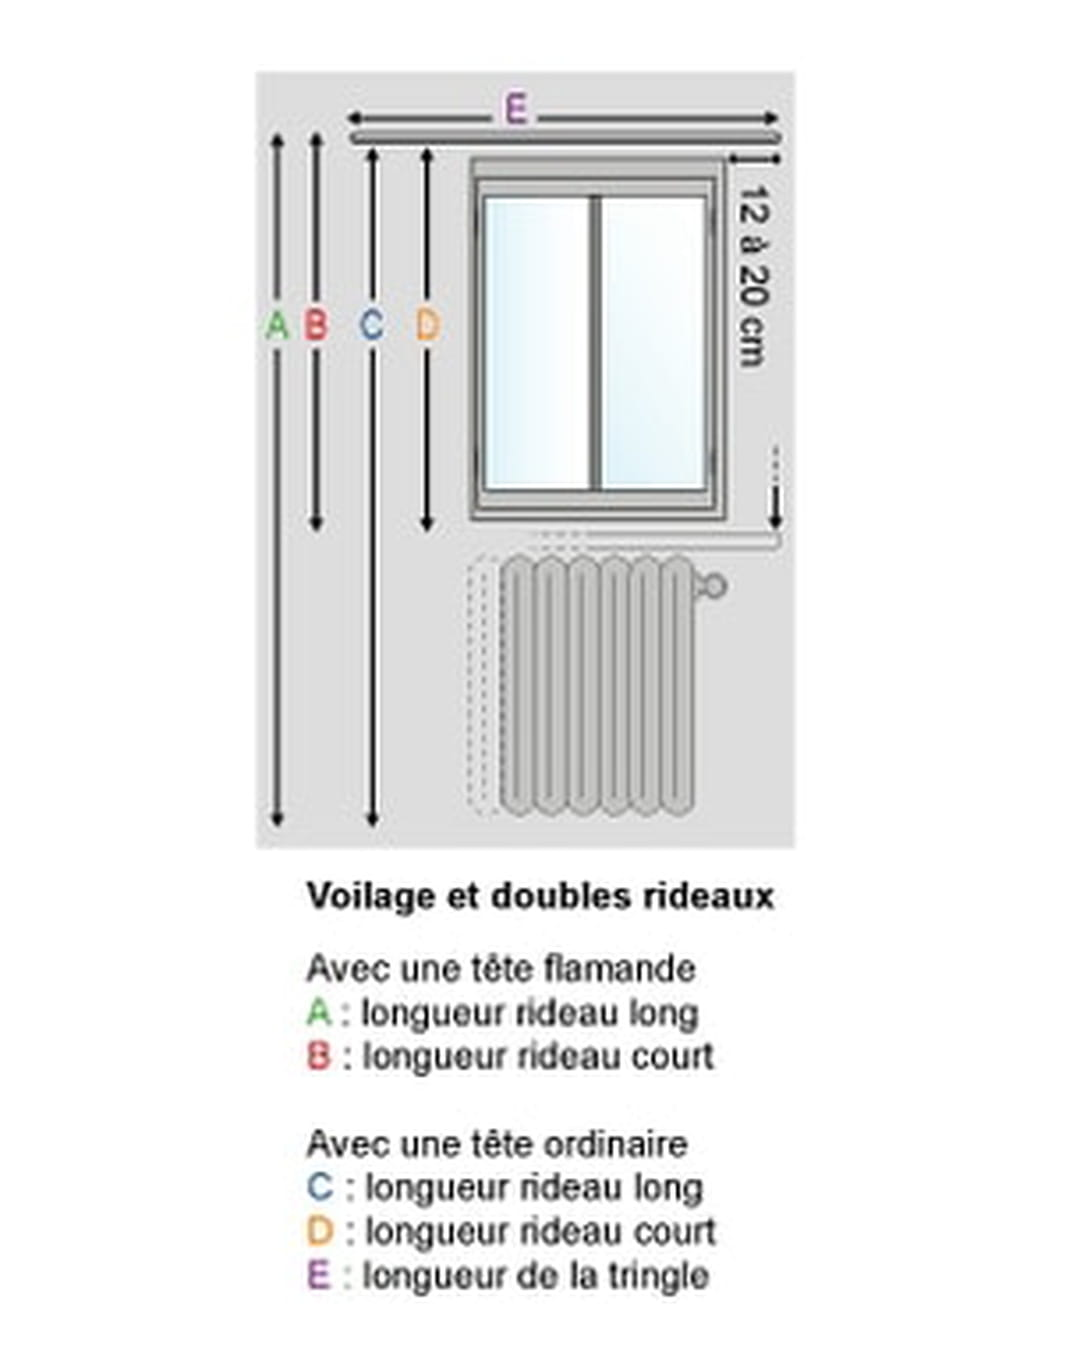 Barre Rideau Fixation Plafond installer des rideaux : les étapes à suivre pour ne pas se